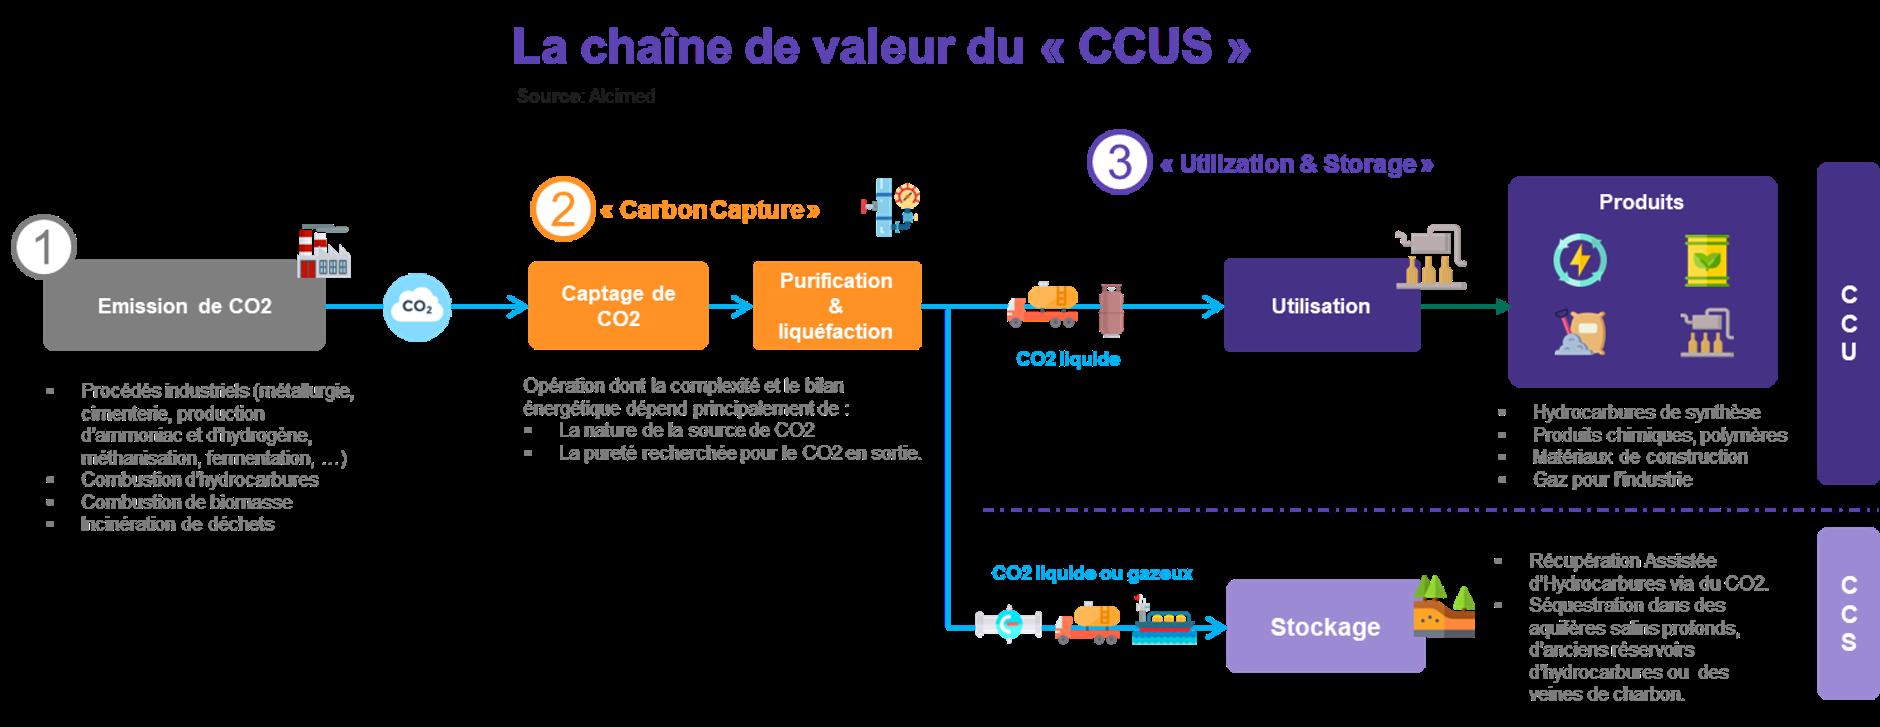 La chaîne de valeur du CCUS par Alcimed